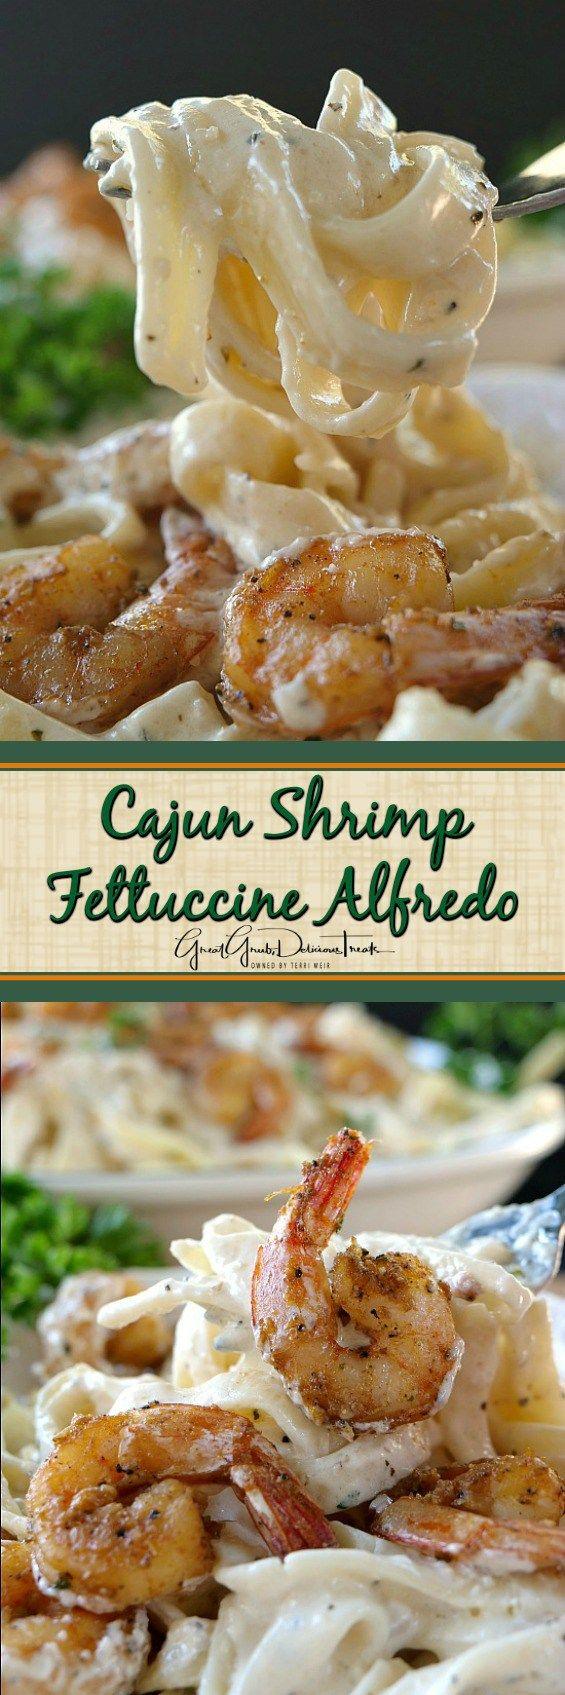 Cajun Shrimp Fettuccine Alfredo | Delicious dinners | Pinterest ...